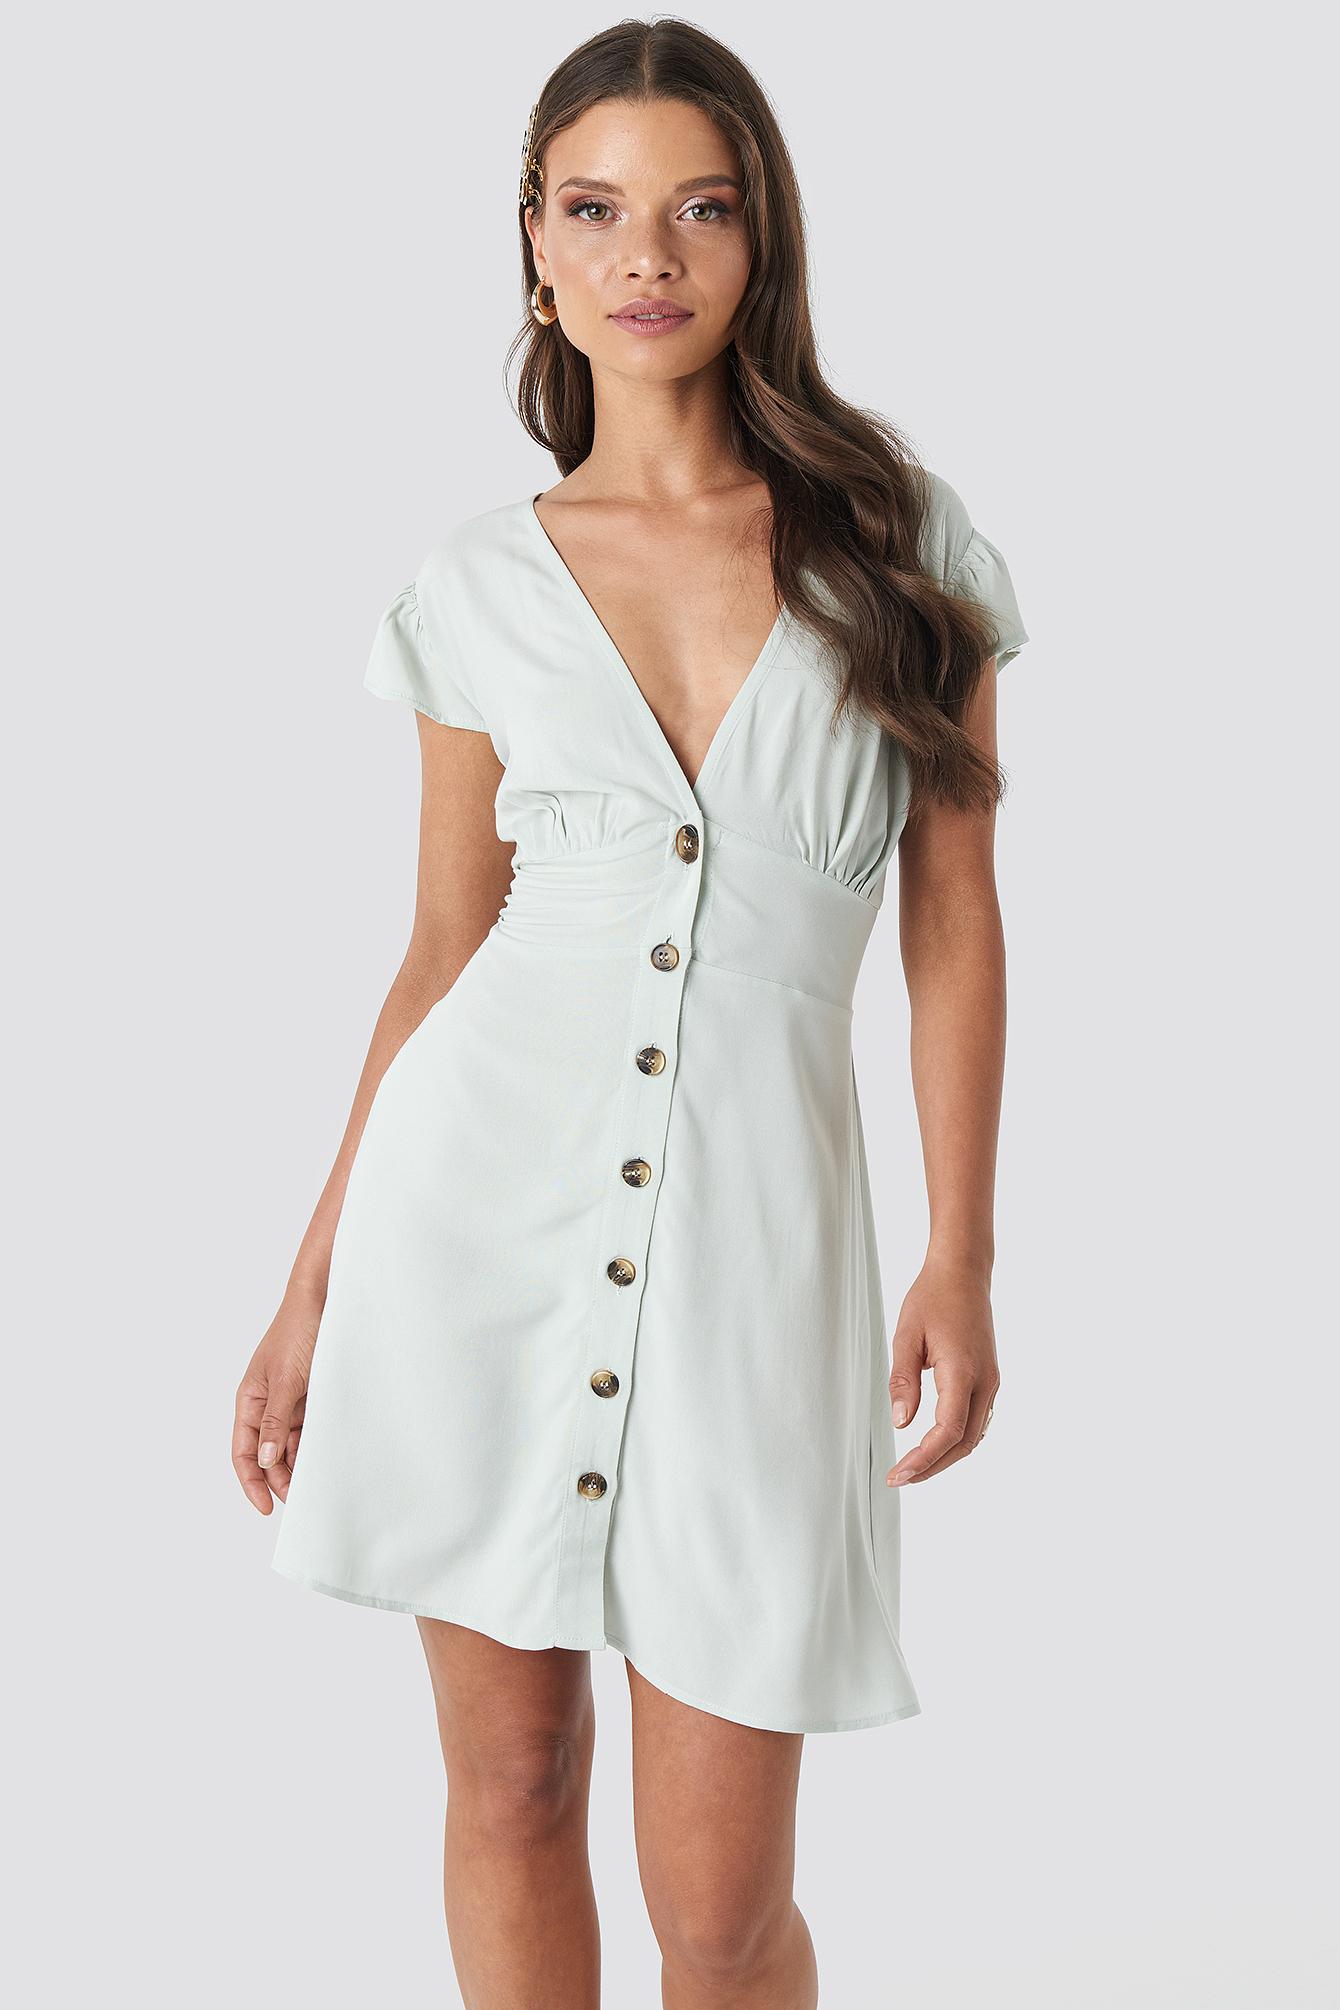 Button Up Dress,Button Dress,Button Up Dress,Button Dress,Button Up Dress,button up dress,button dress,button dress,button up dress,button dress,button up dress,button dress,button up dress,button dress,